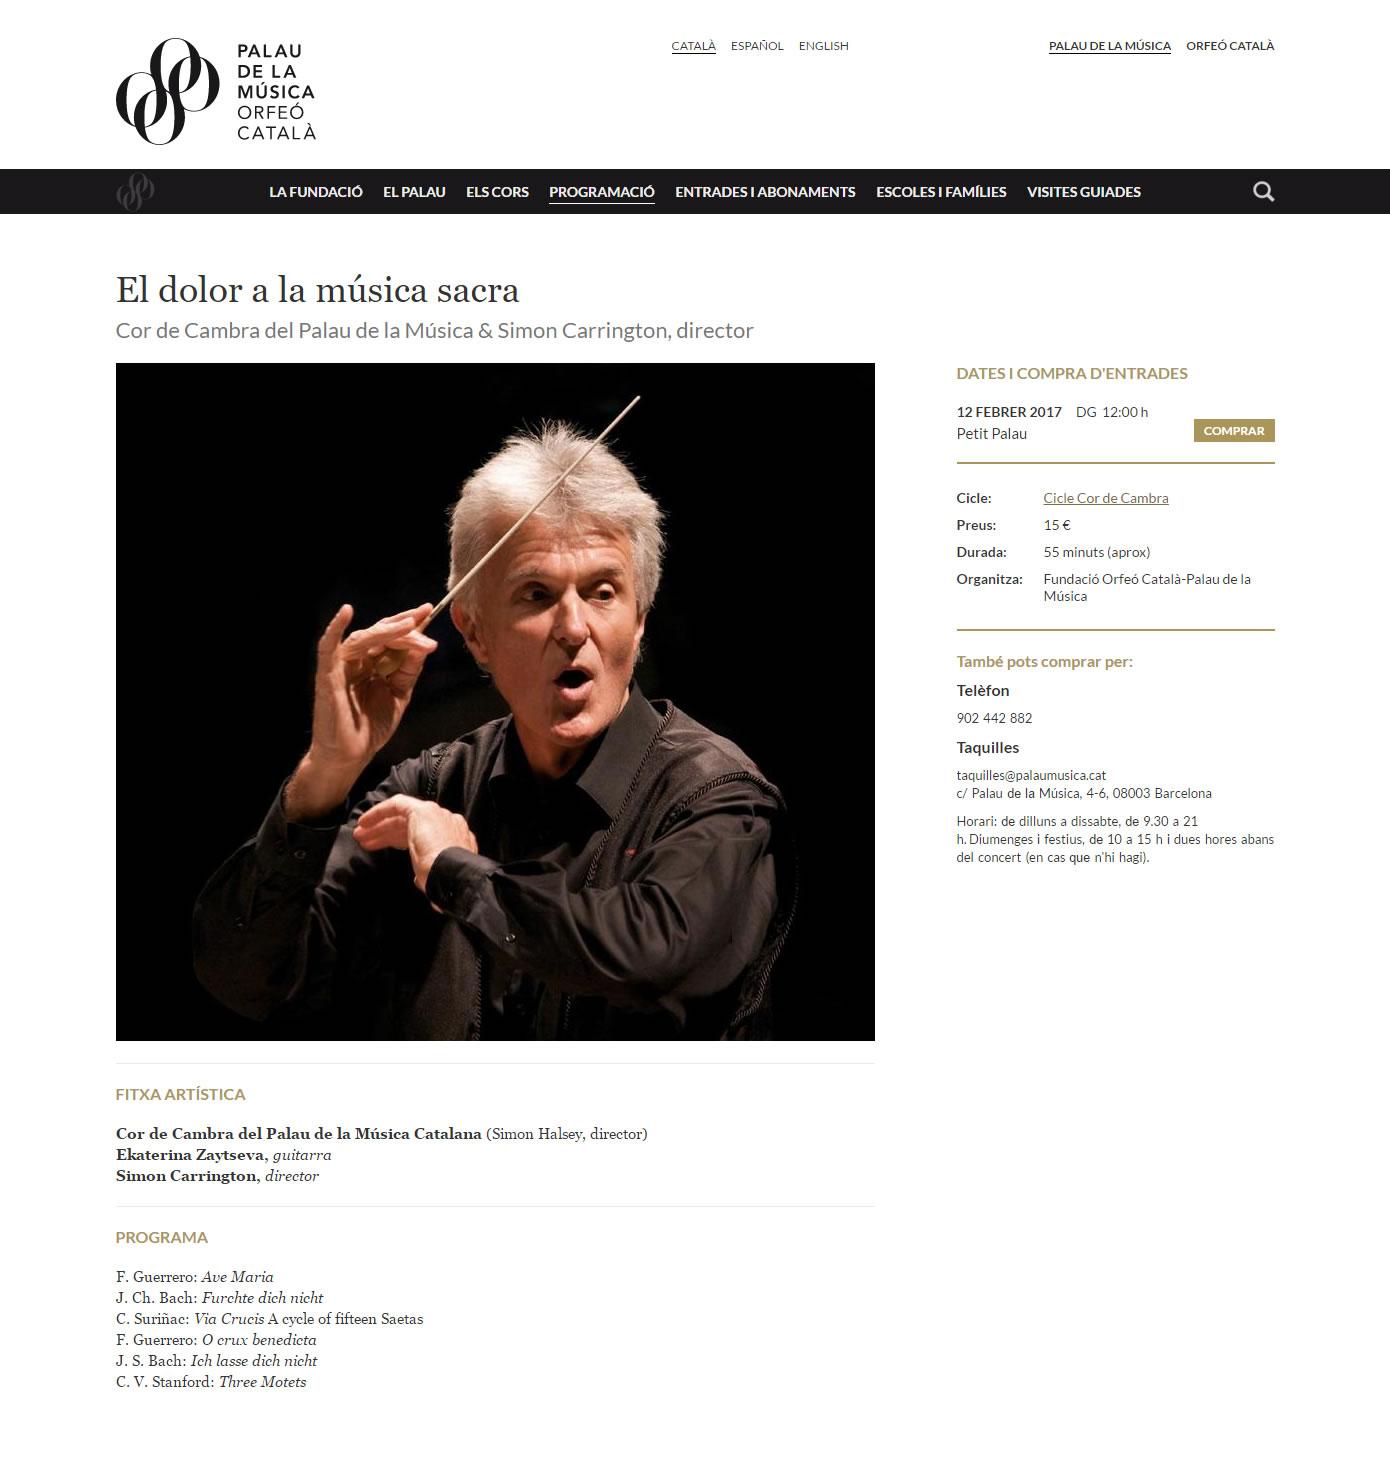 Palau de la Música Catalana - Ficha